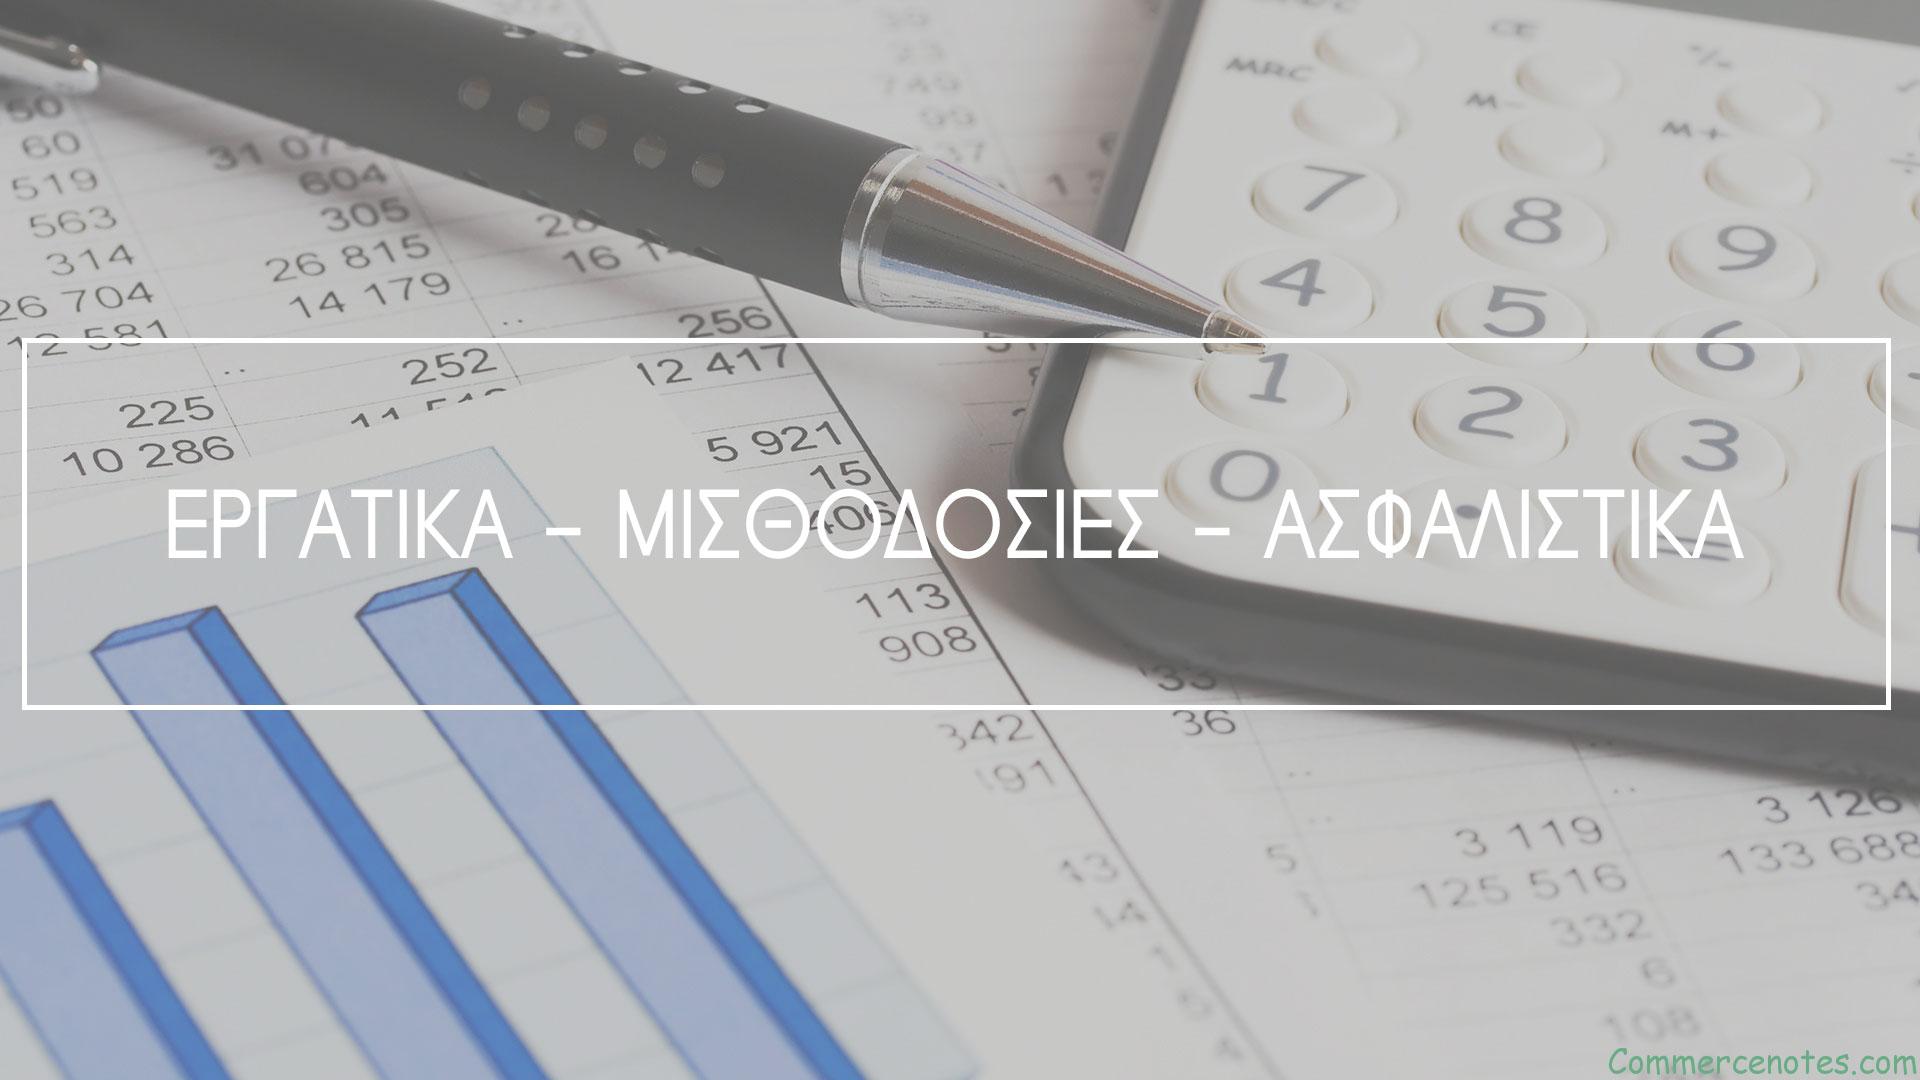 ergatika-misthodosies-asfalistika-1